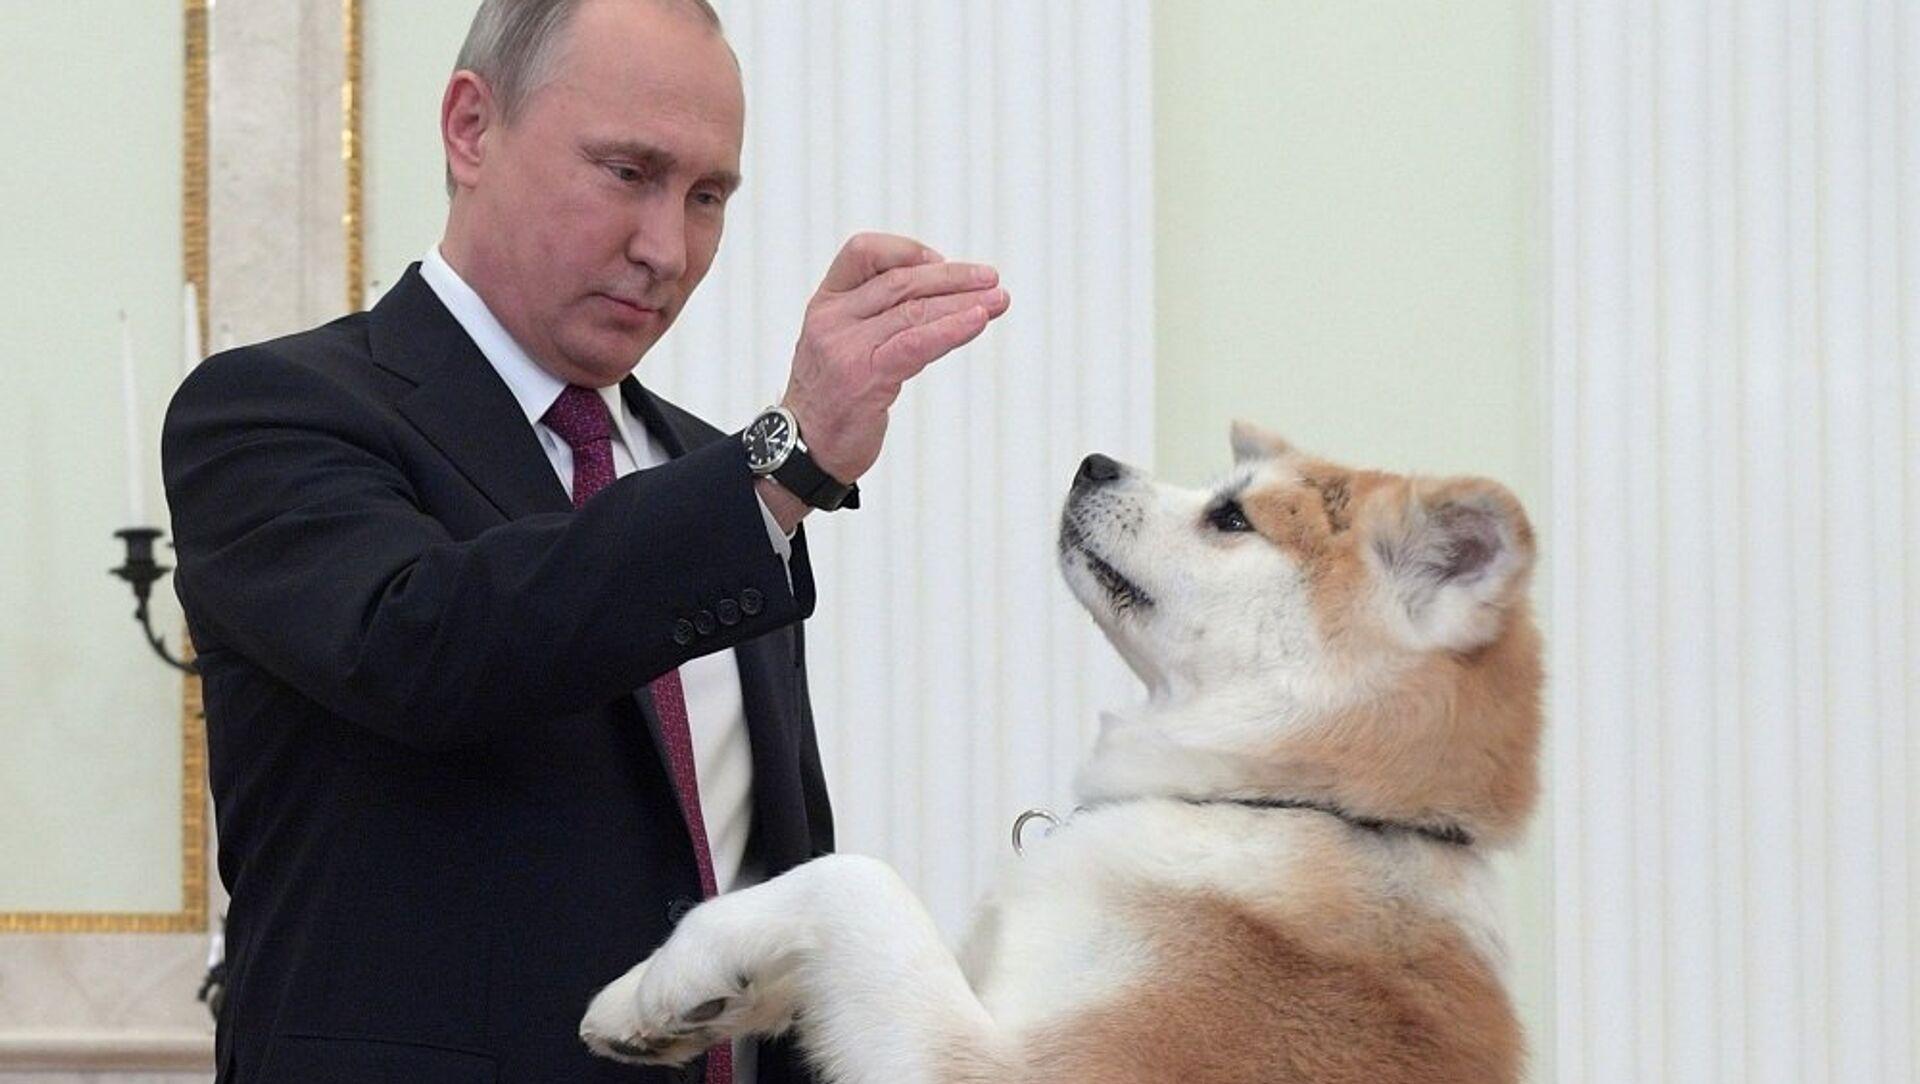 El presidente de Rusia, Vladímir Putin y su perra, Yume - Sputnik Mundo, 1920, 14.12.2016